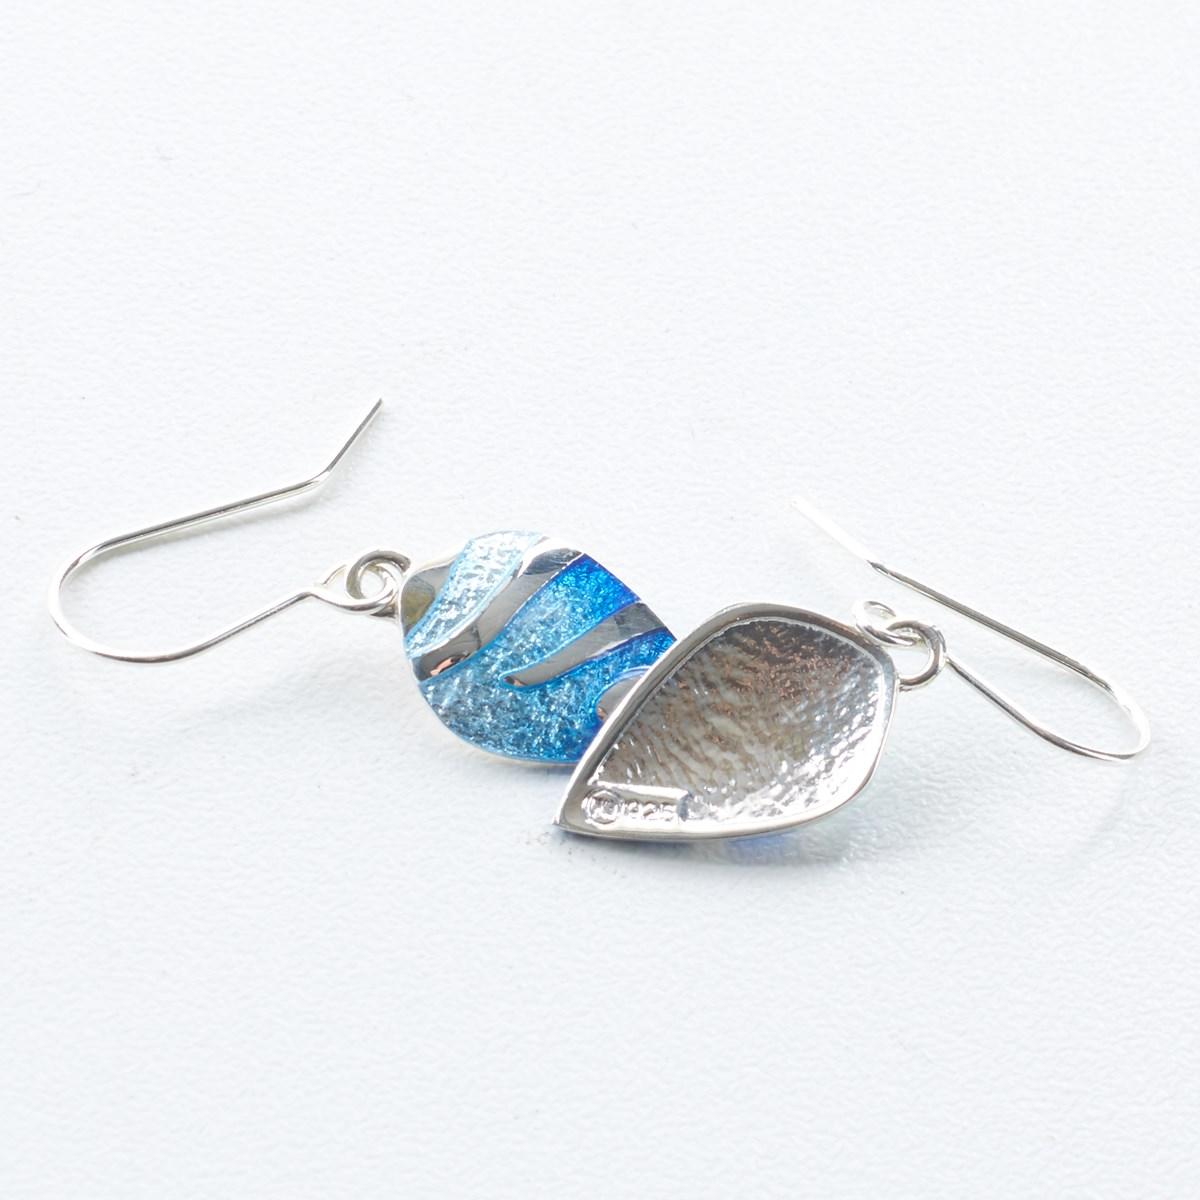 e30207548 ... Mirage Drop Earrings by Ortak ·  18170061_sterling_silver_earrings_mirage_oasis_3217_3250 ·  18170061_sterling_silver_earrings_mirage_oasis_3219_3252